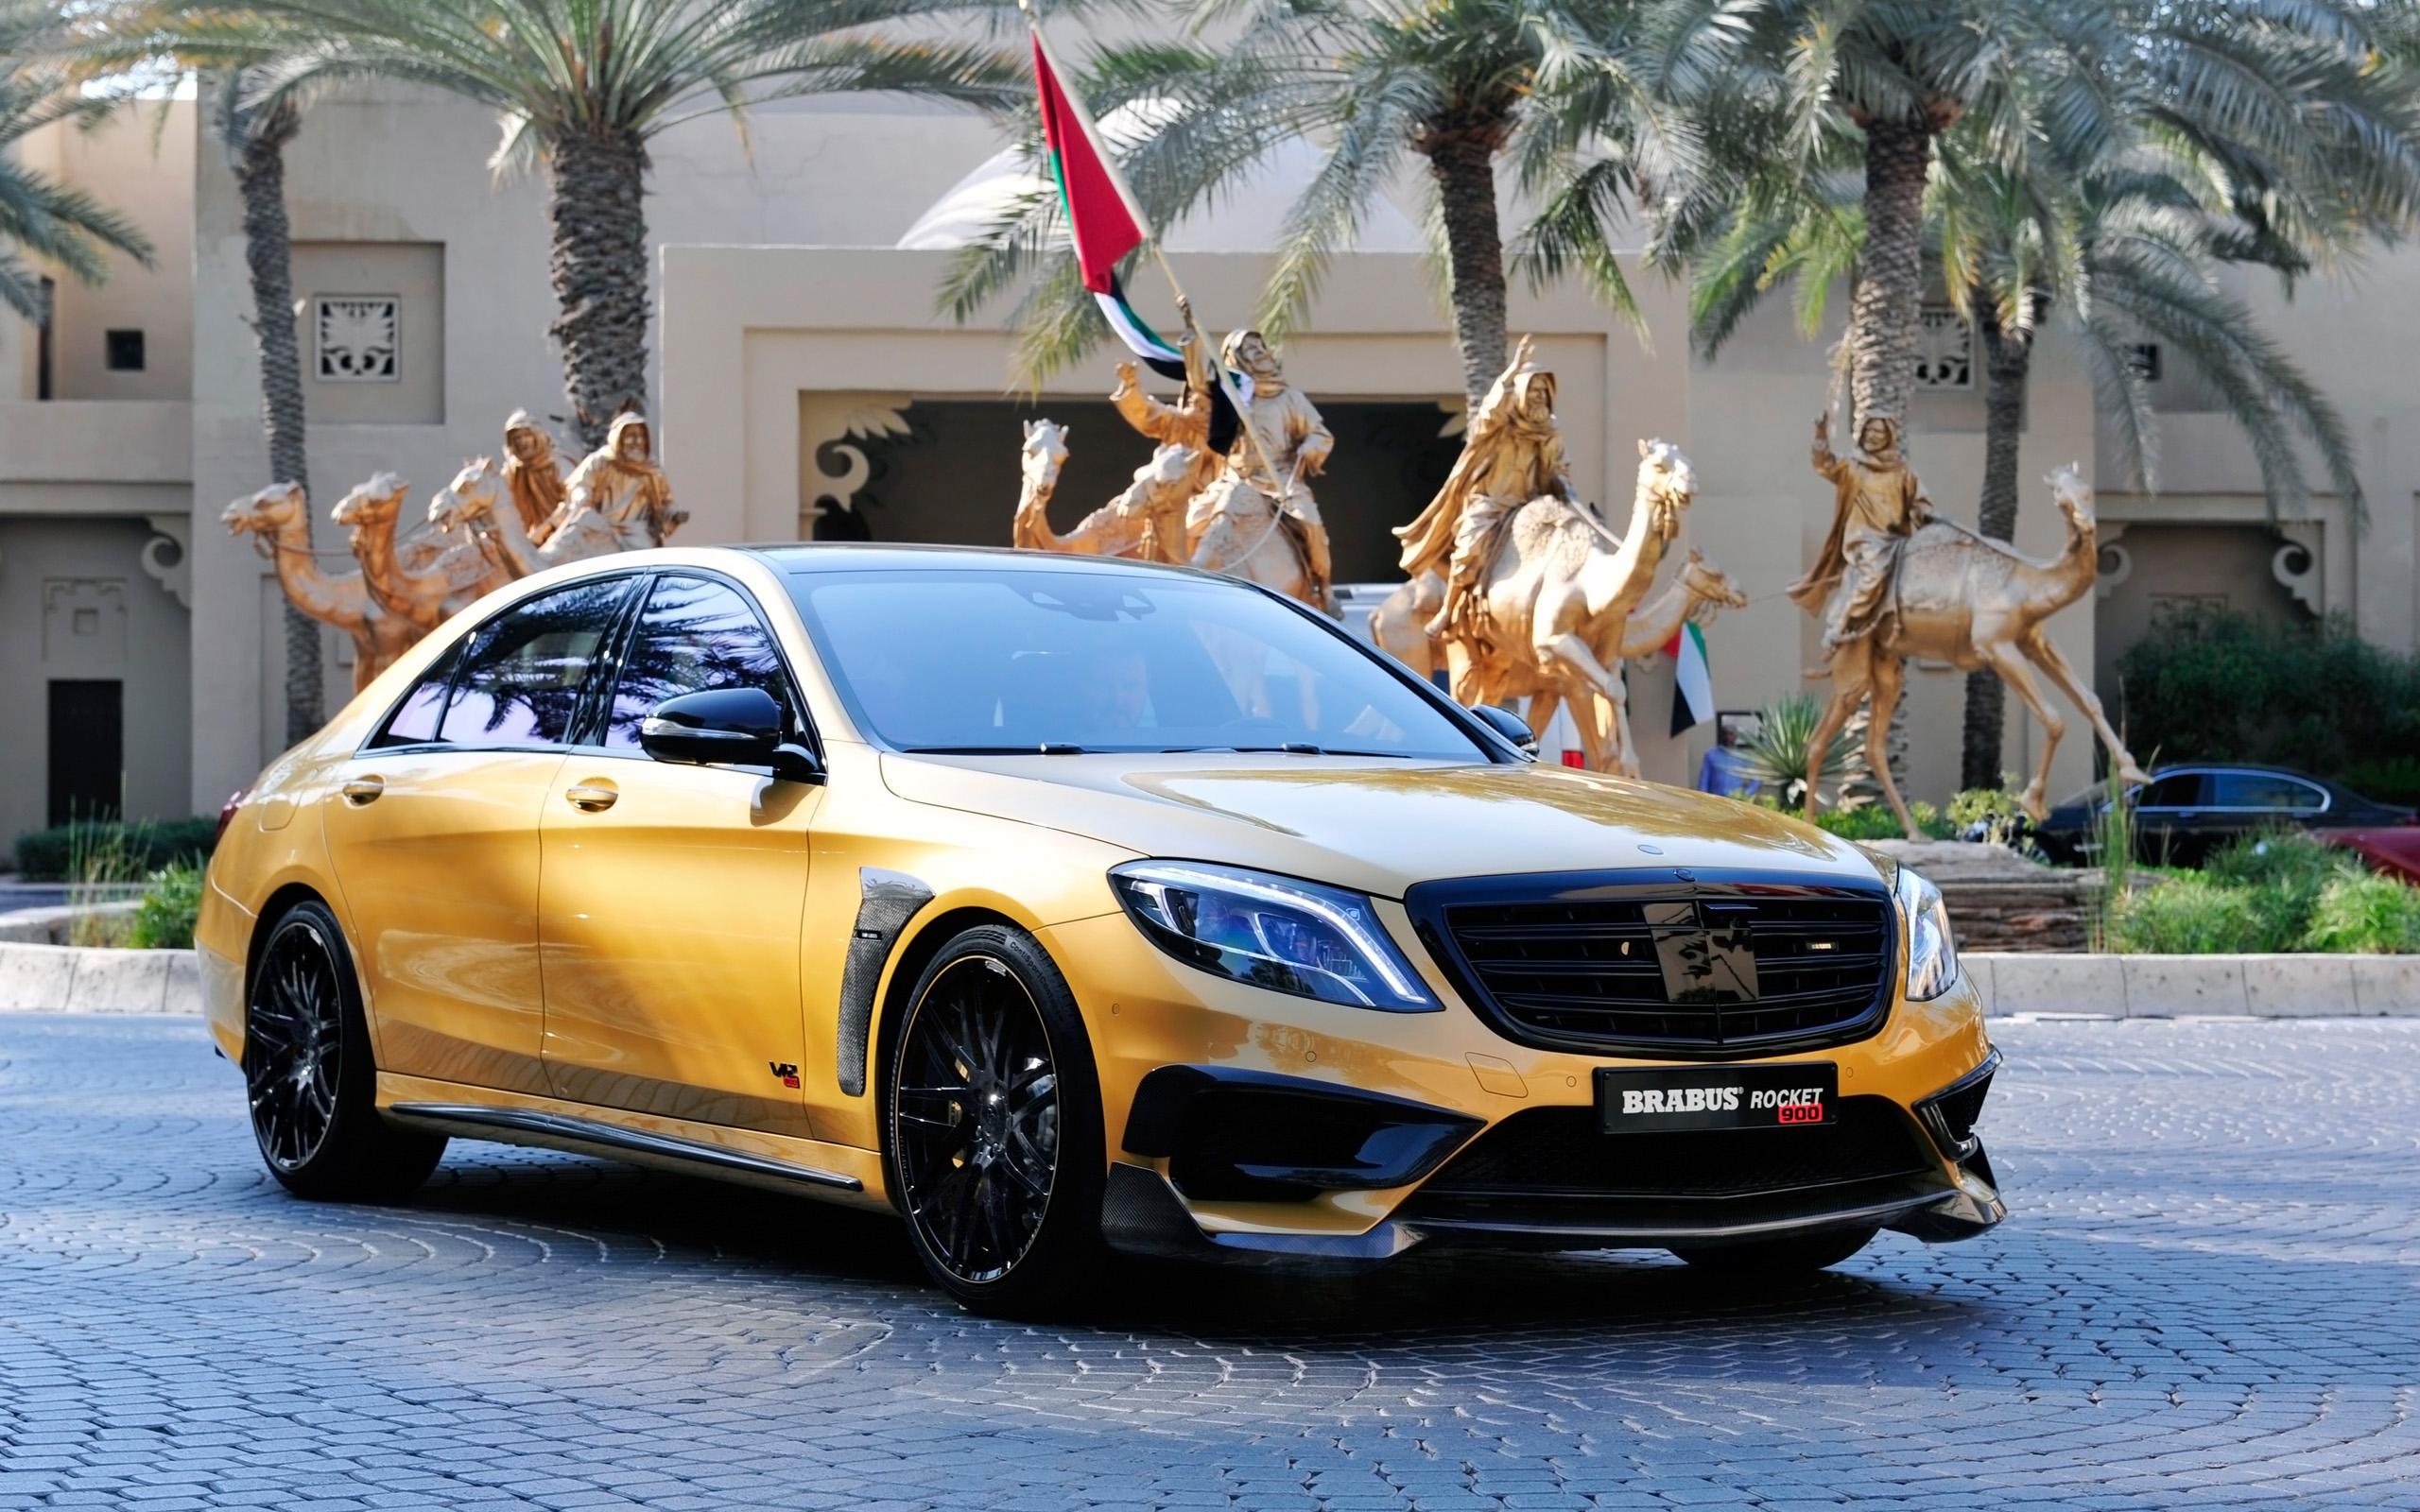 Brabus Mercedes Benz S65 Rocket 900 Desert Gold Wallpaper | HD Car ...